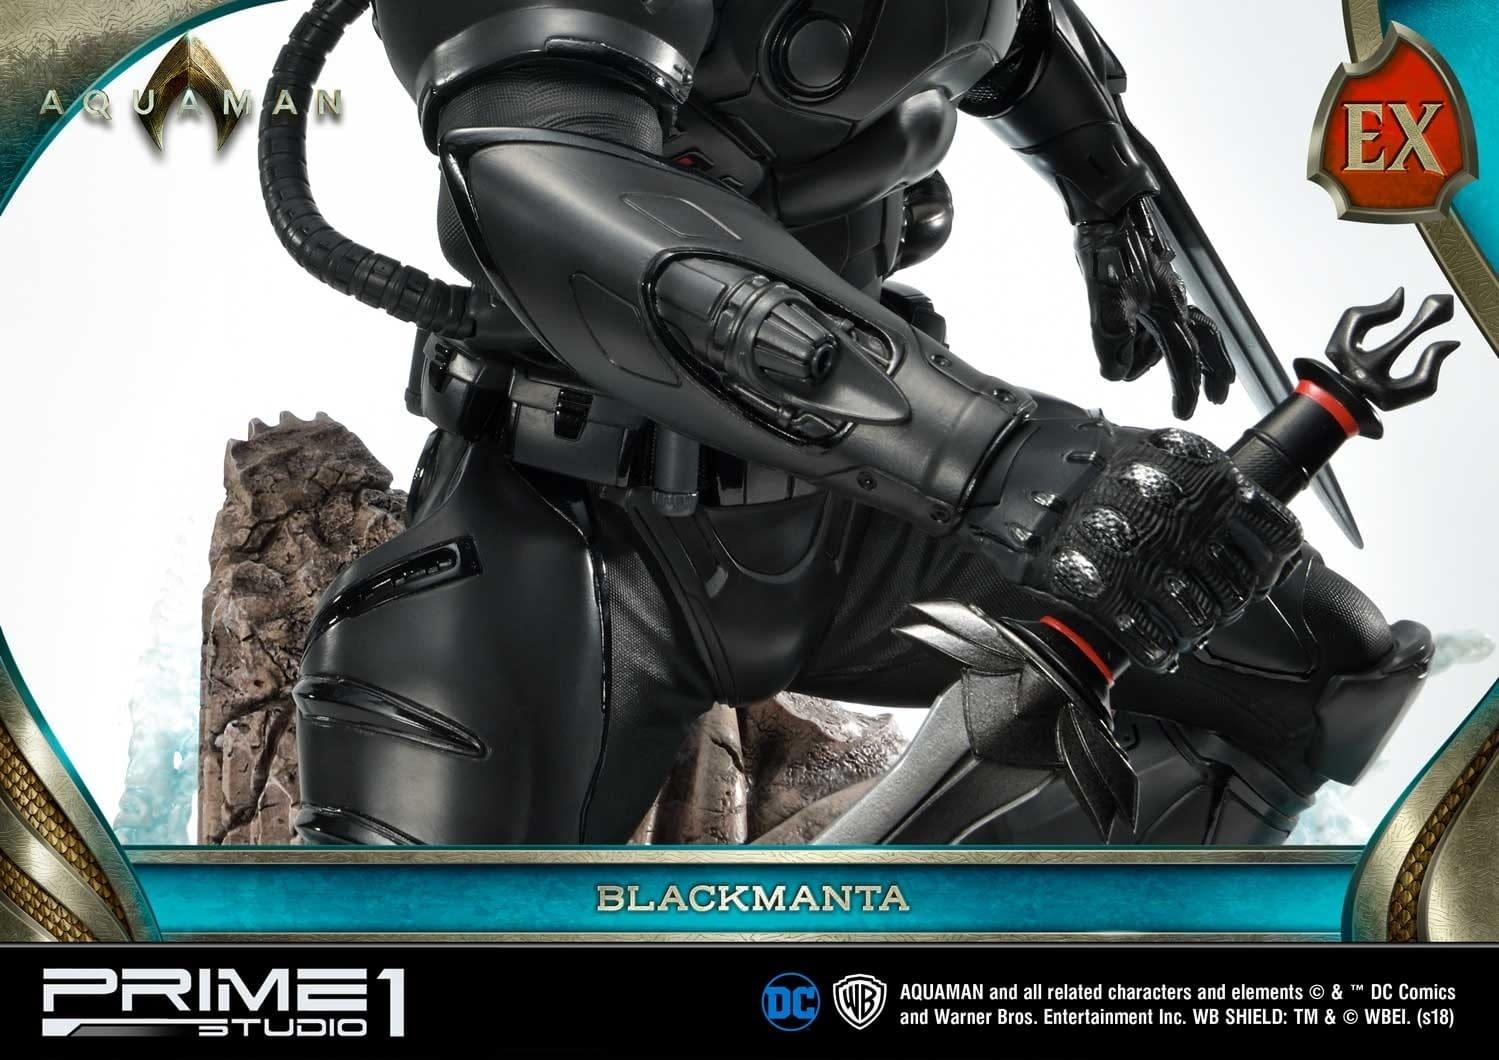 Aquaman Black Manta Prime 1 Studio Statue 9